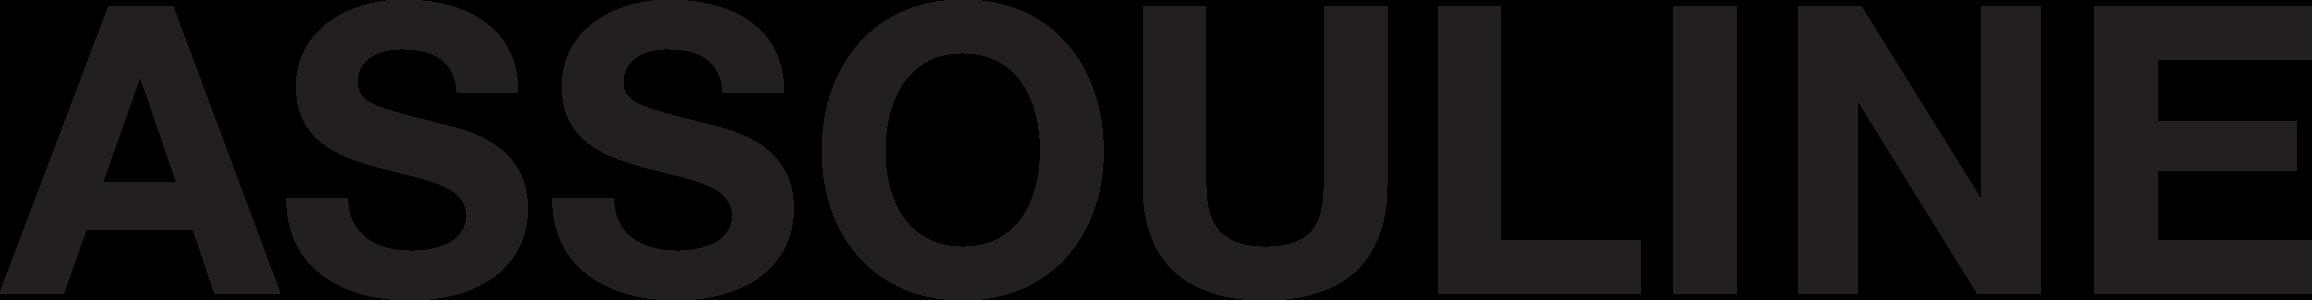 ASSOULINE logo 2005 Black.png